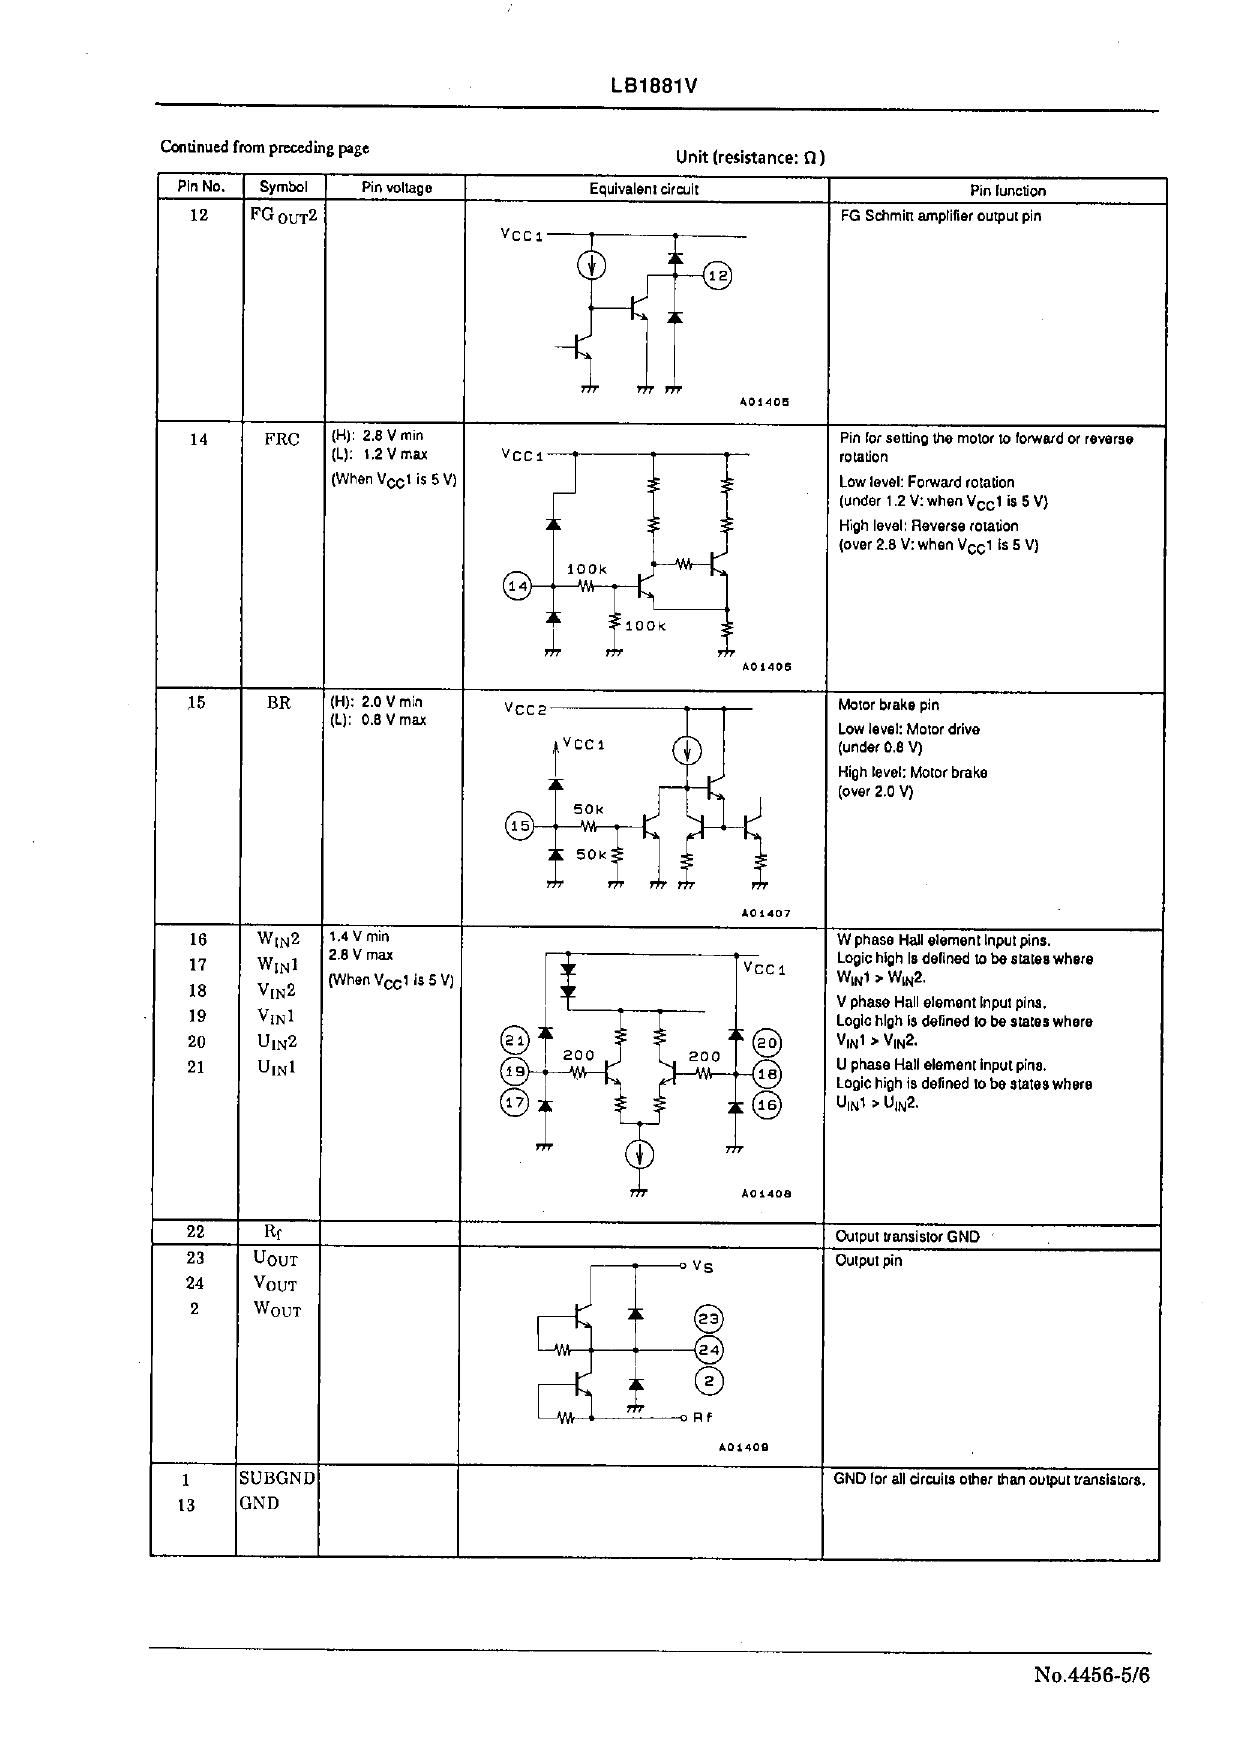 LB1881V pdf